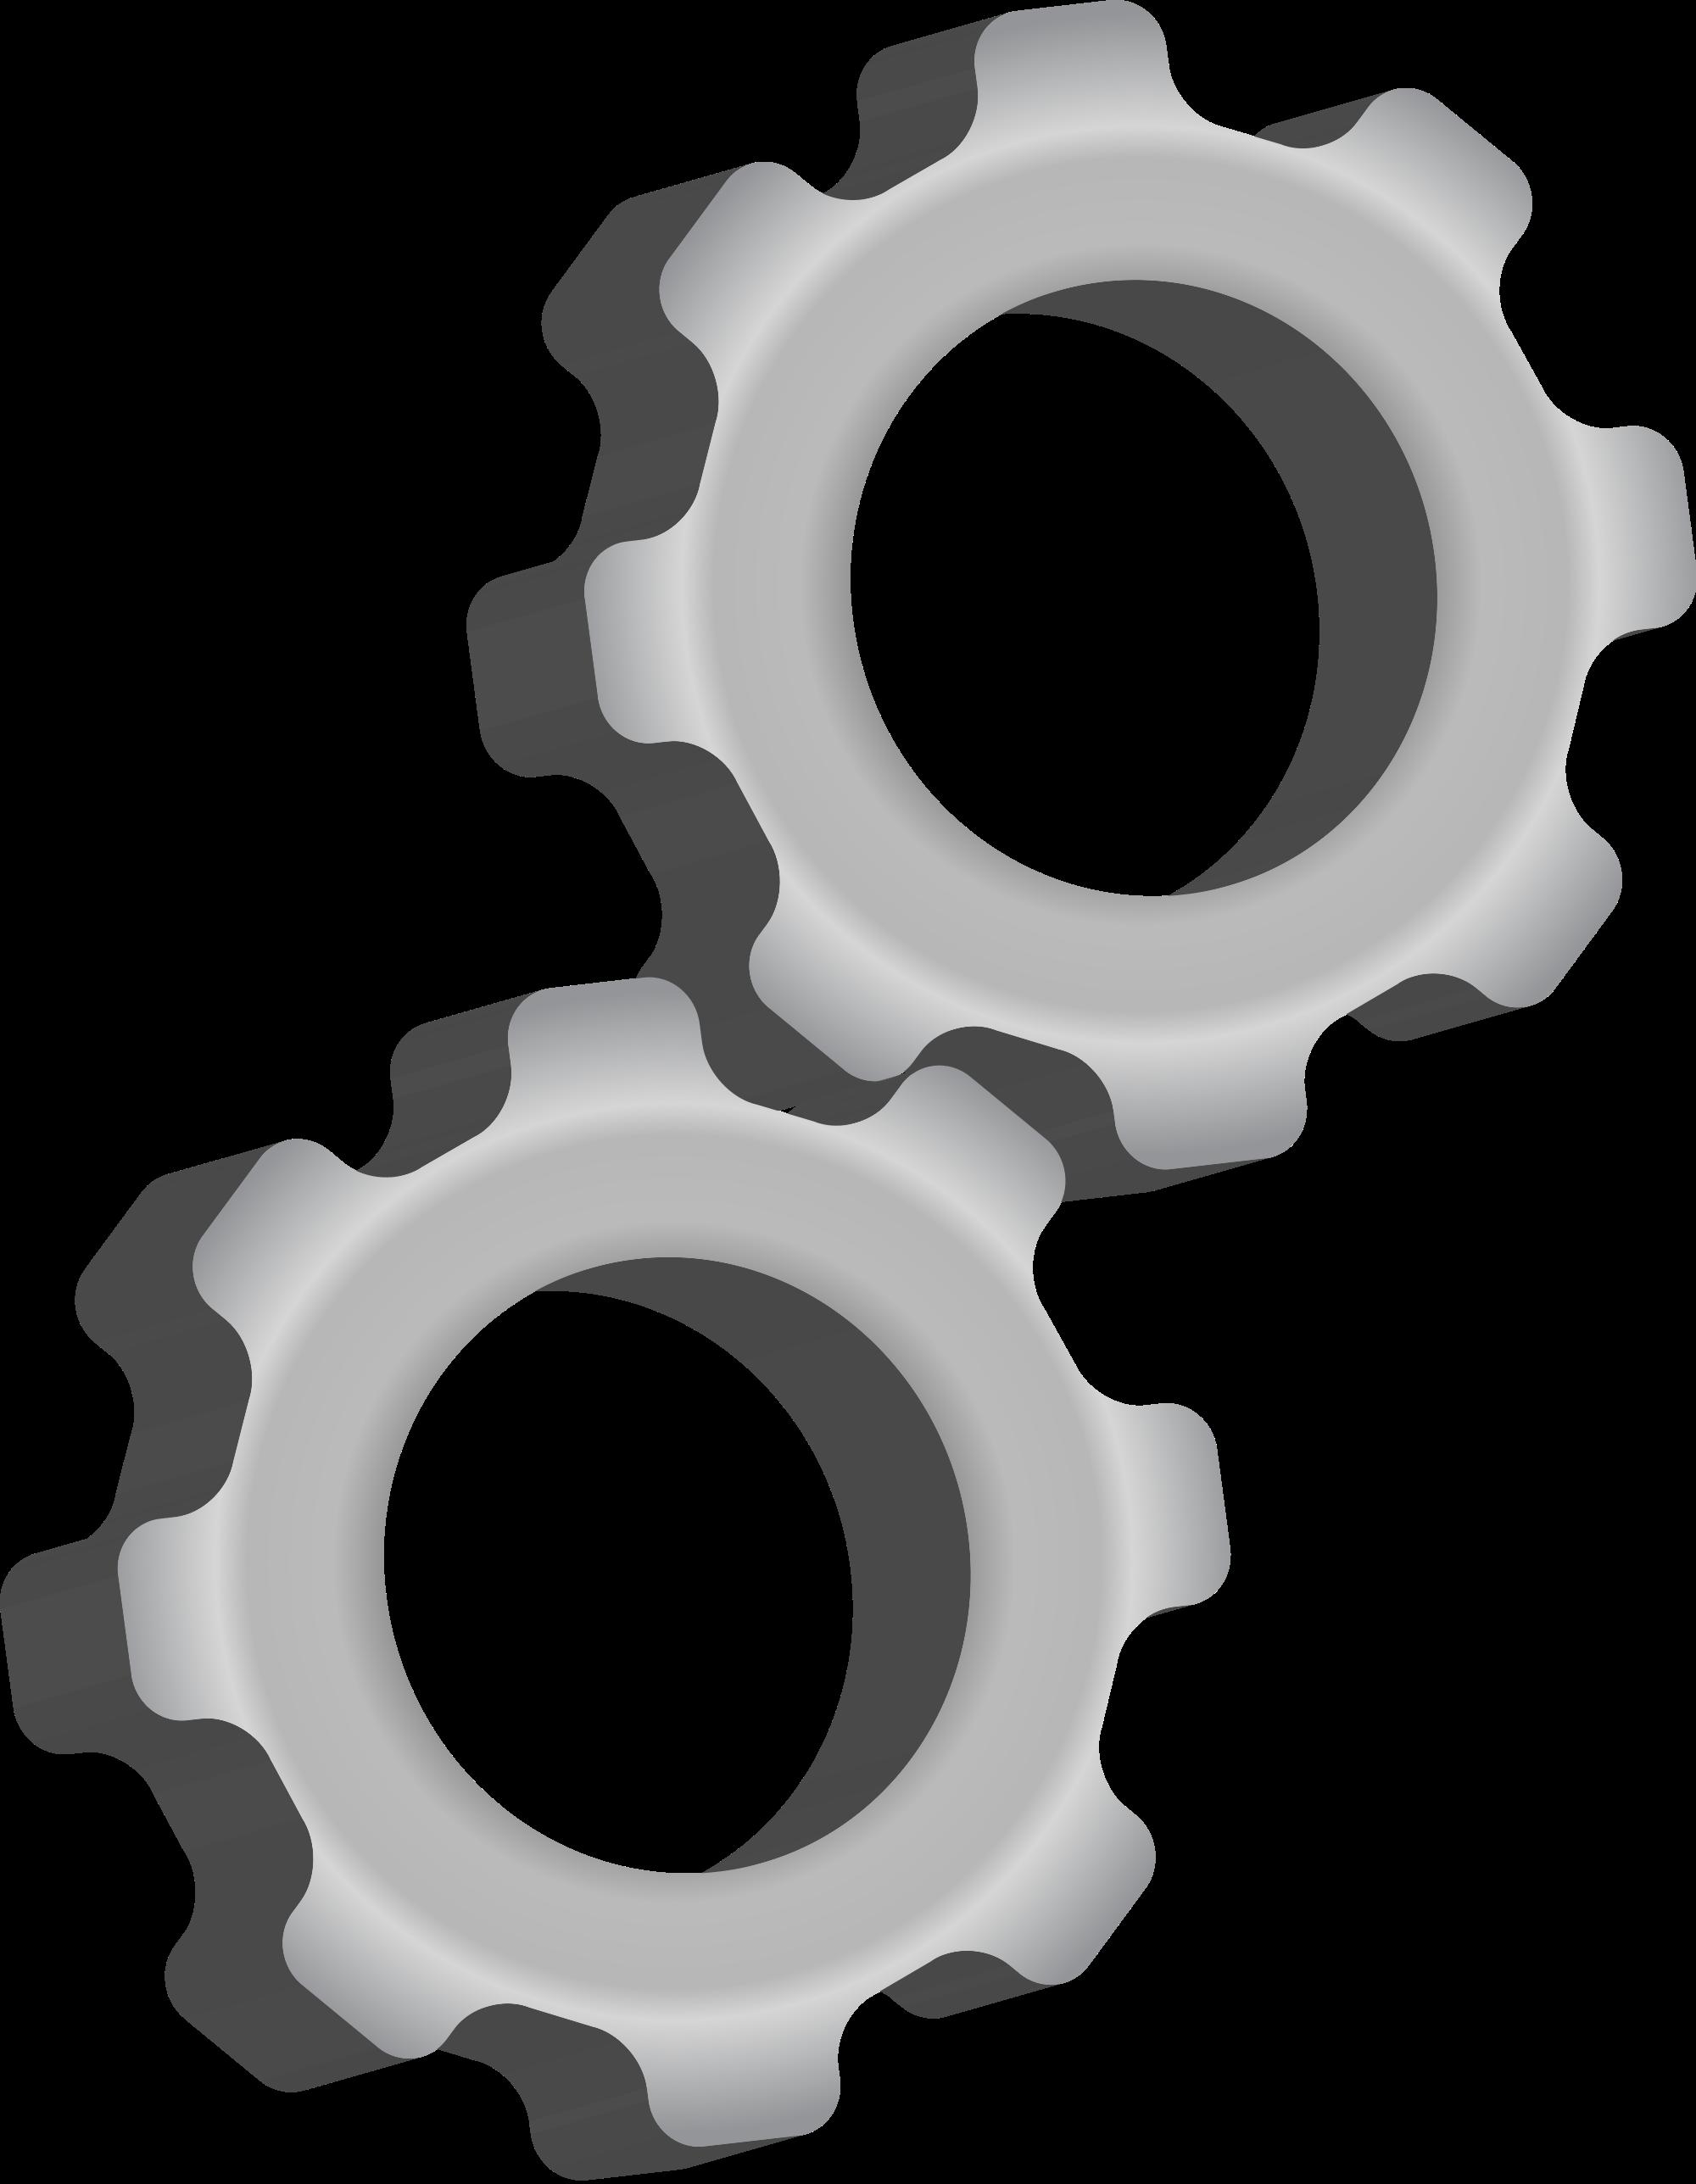 File gears svg wikimedia. Gear clipart gear icon